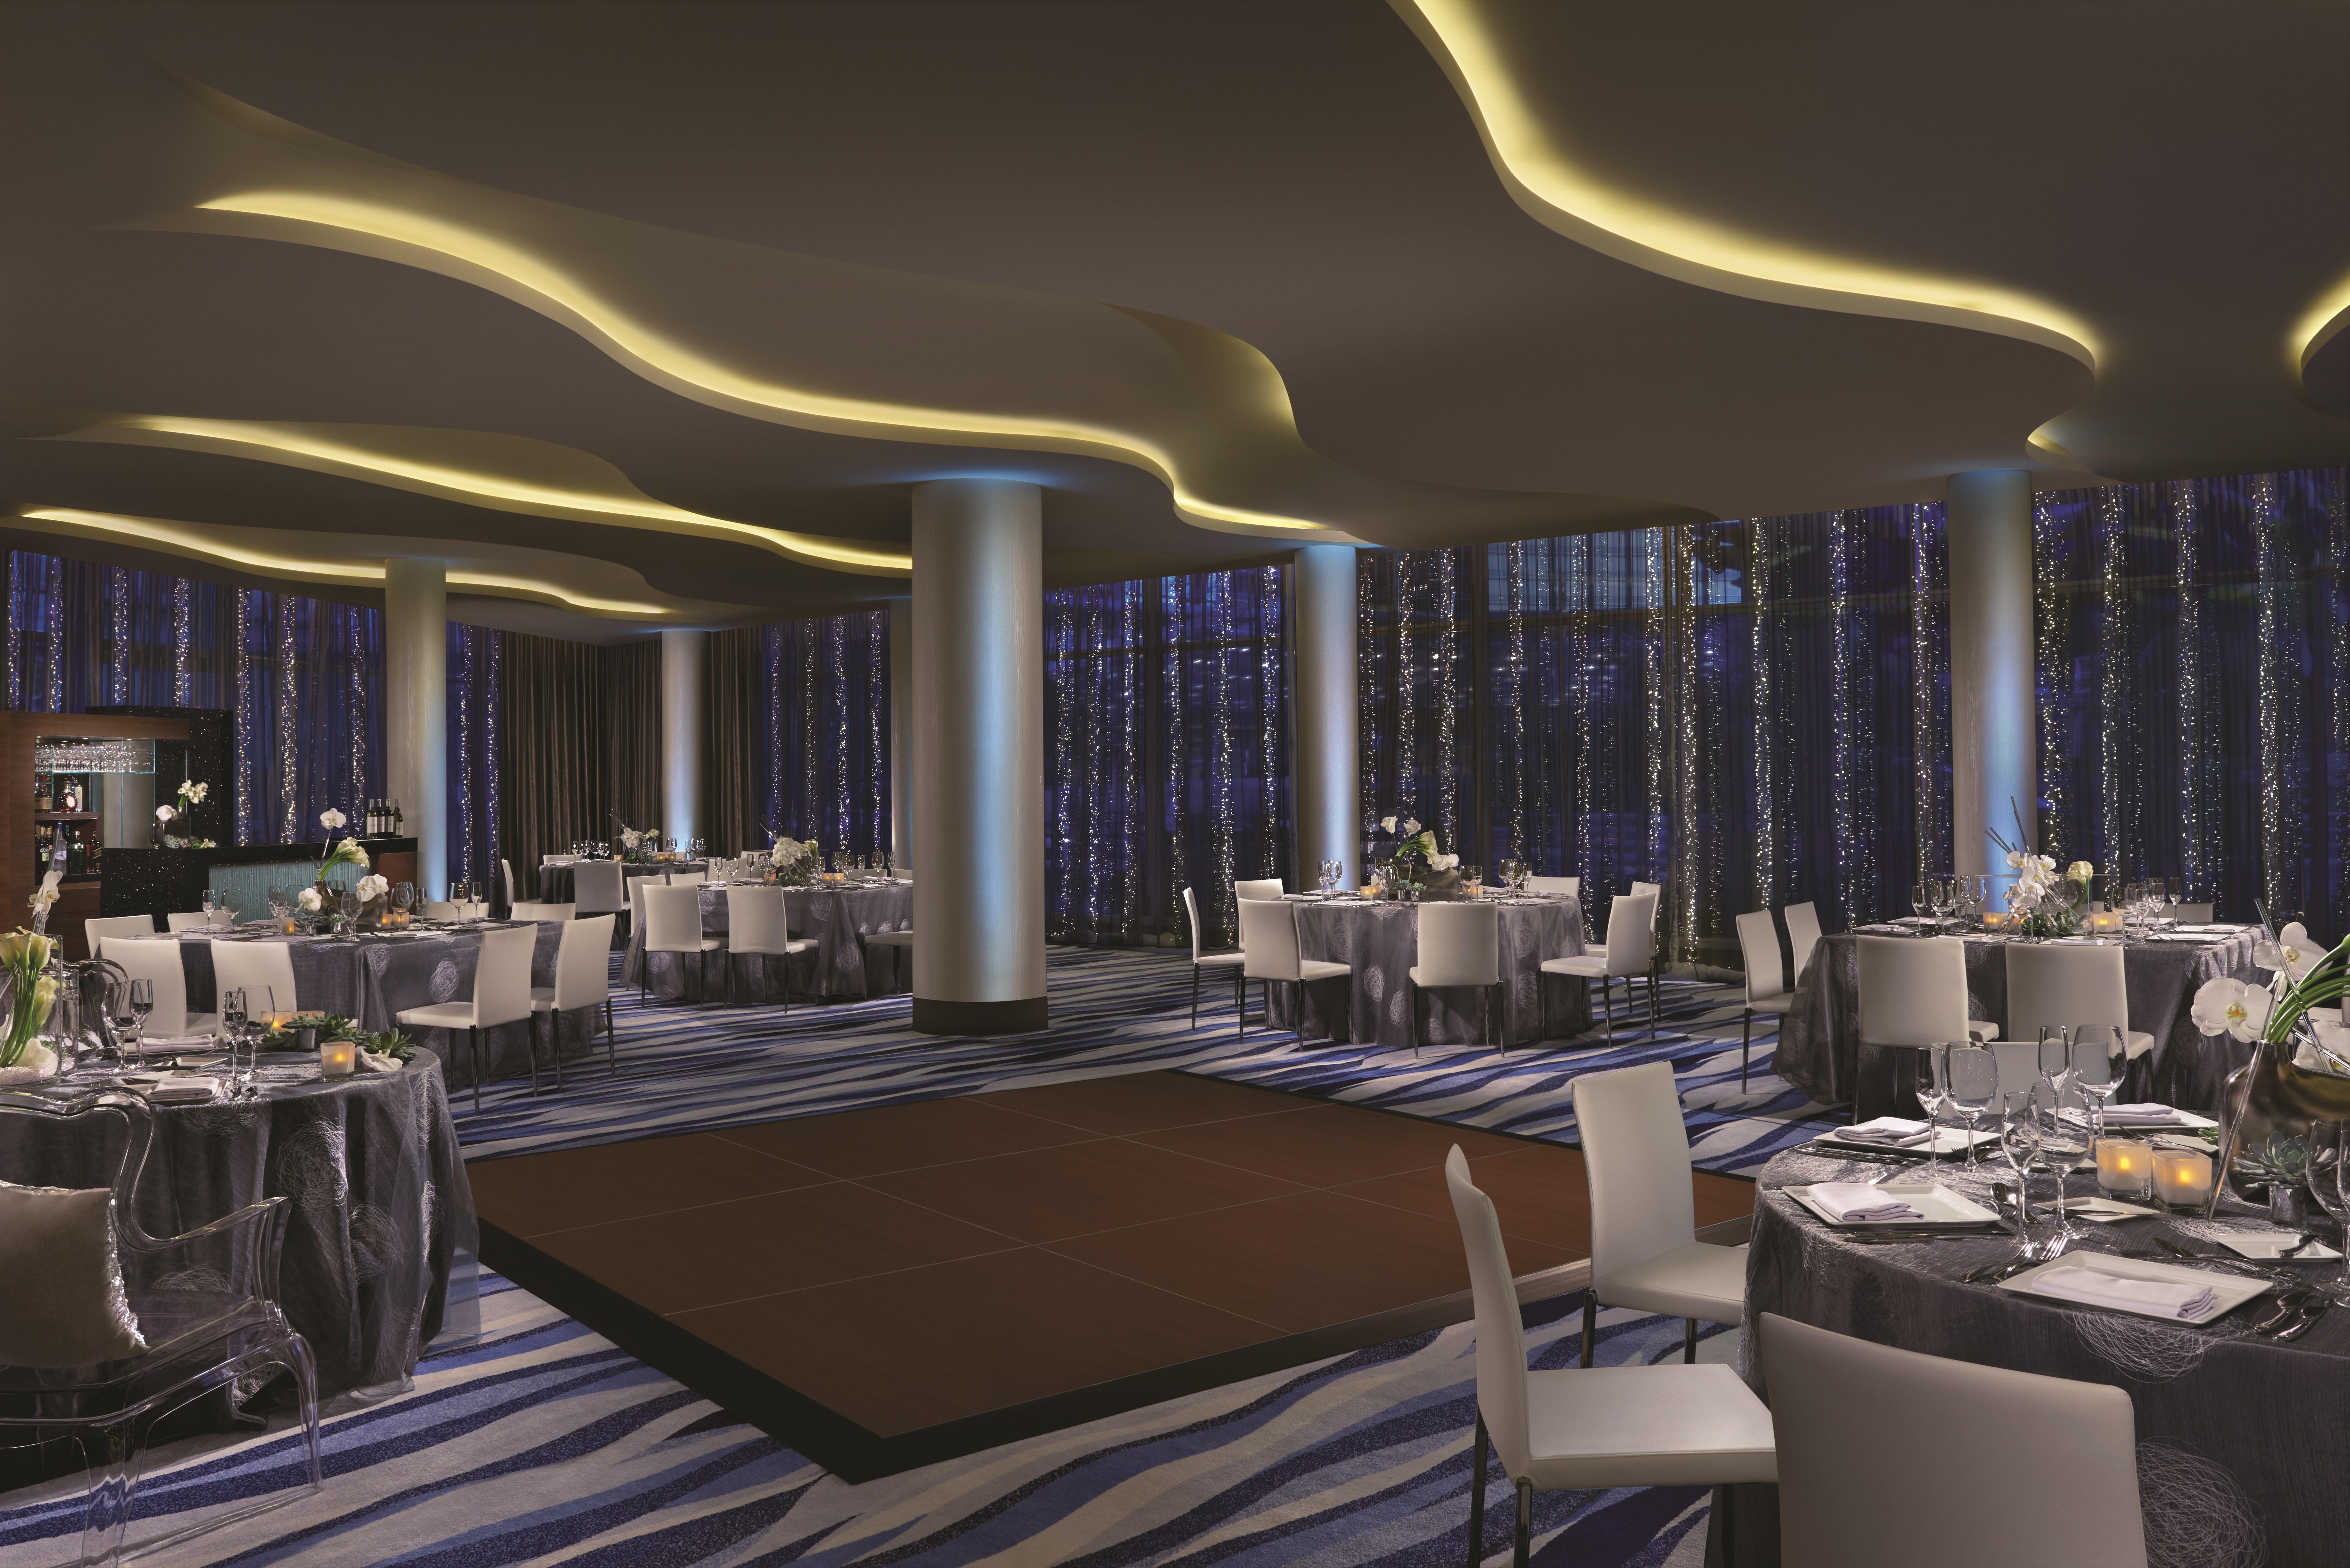 hotel image 15